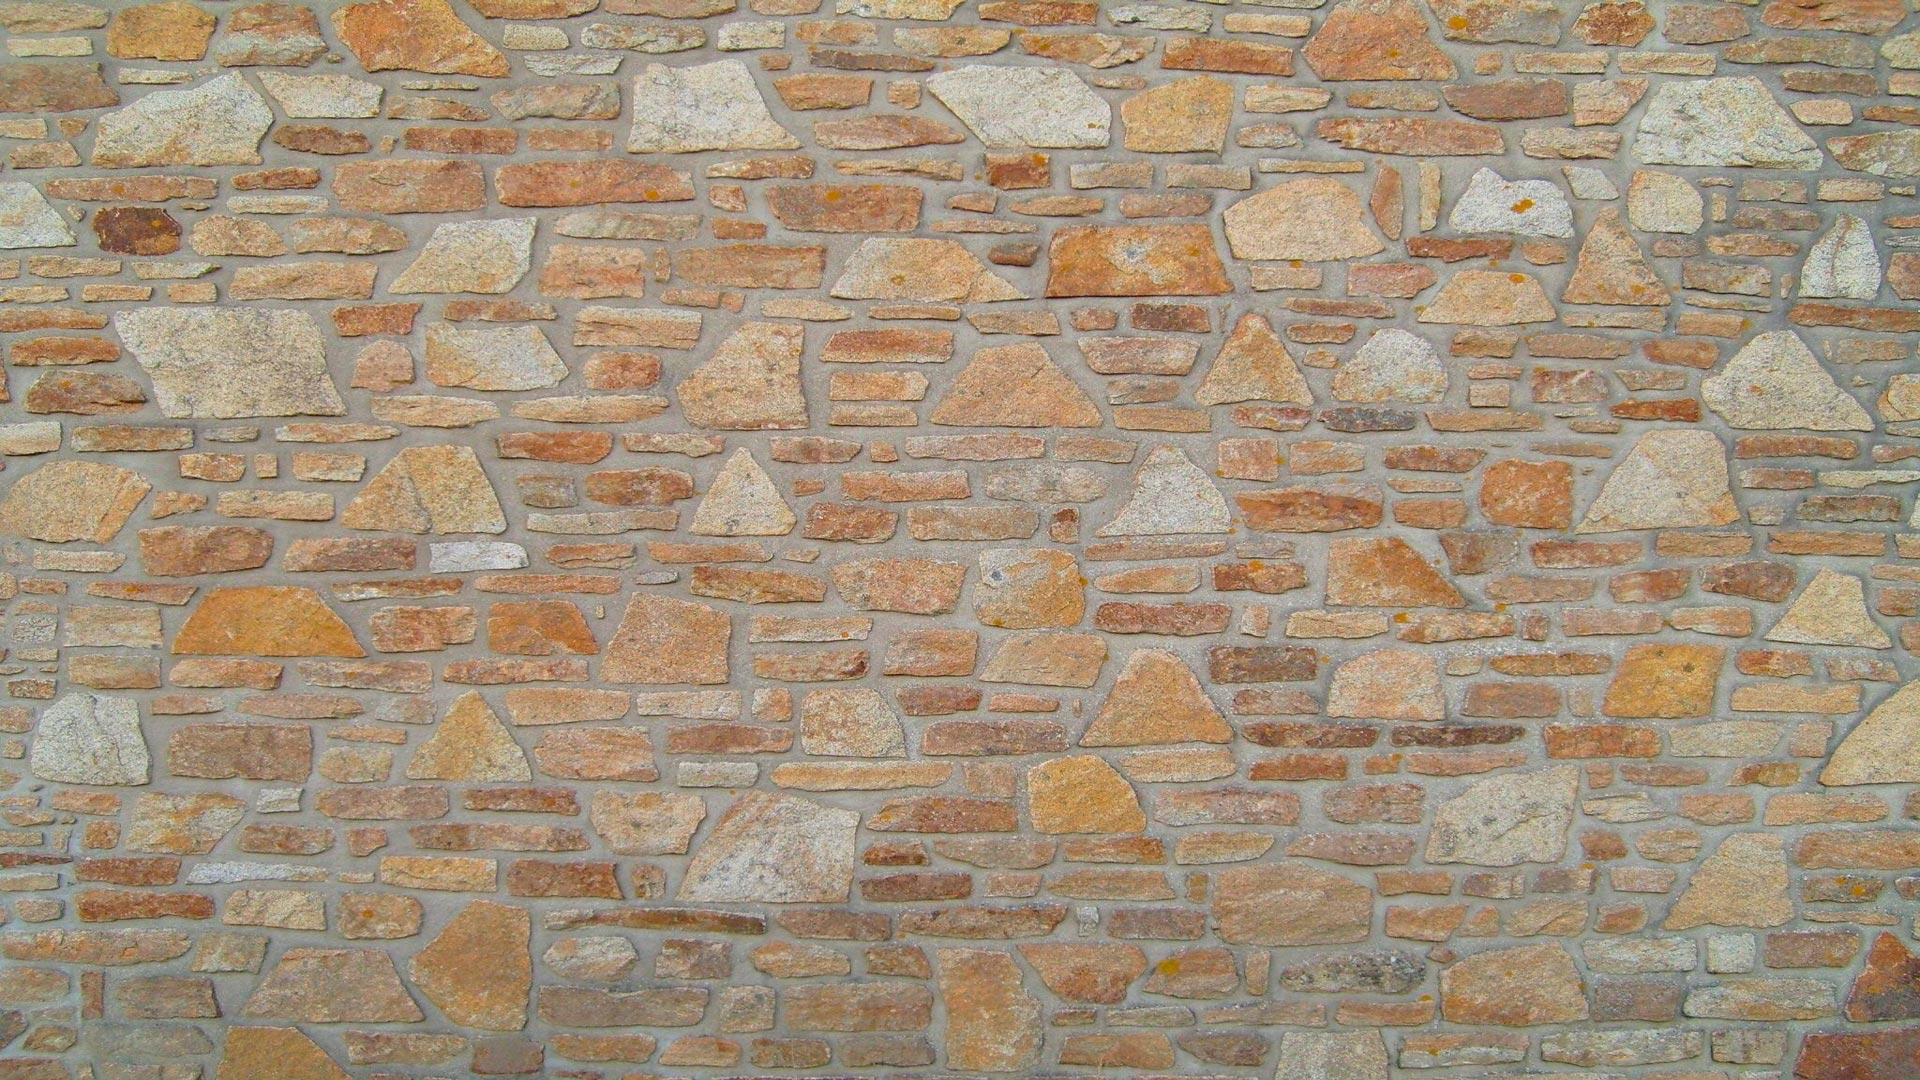 Colocar un revestimiento de imitaci n de piedra en el sal n - Revestimiento de paredes imitacion piedra ...